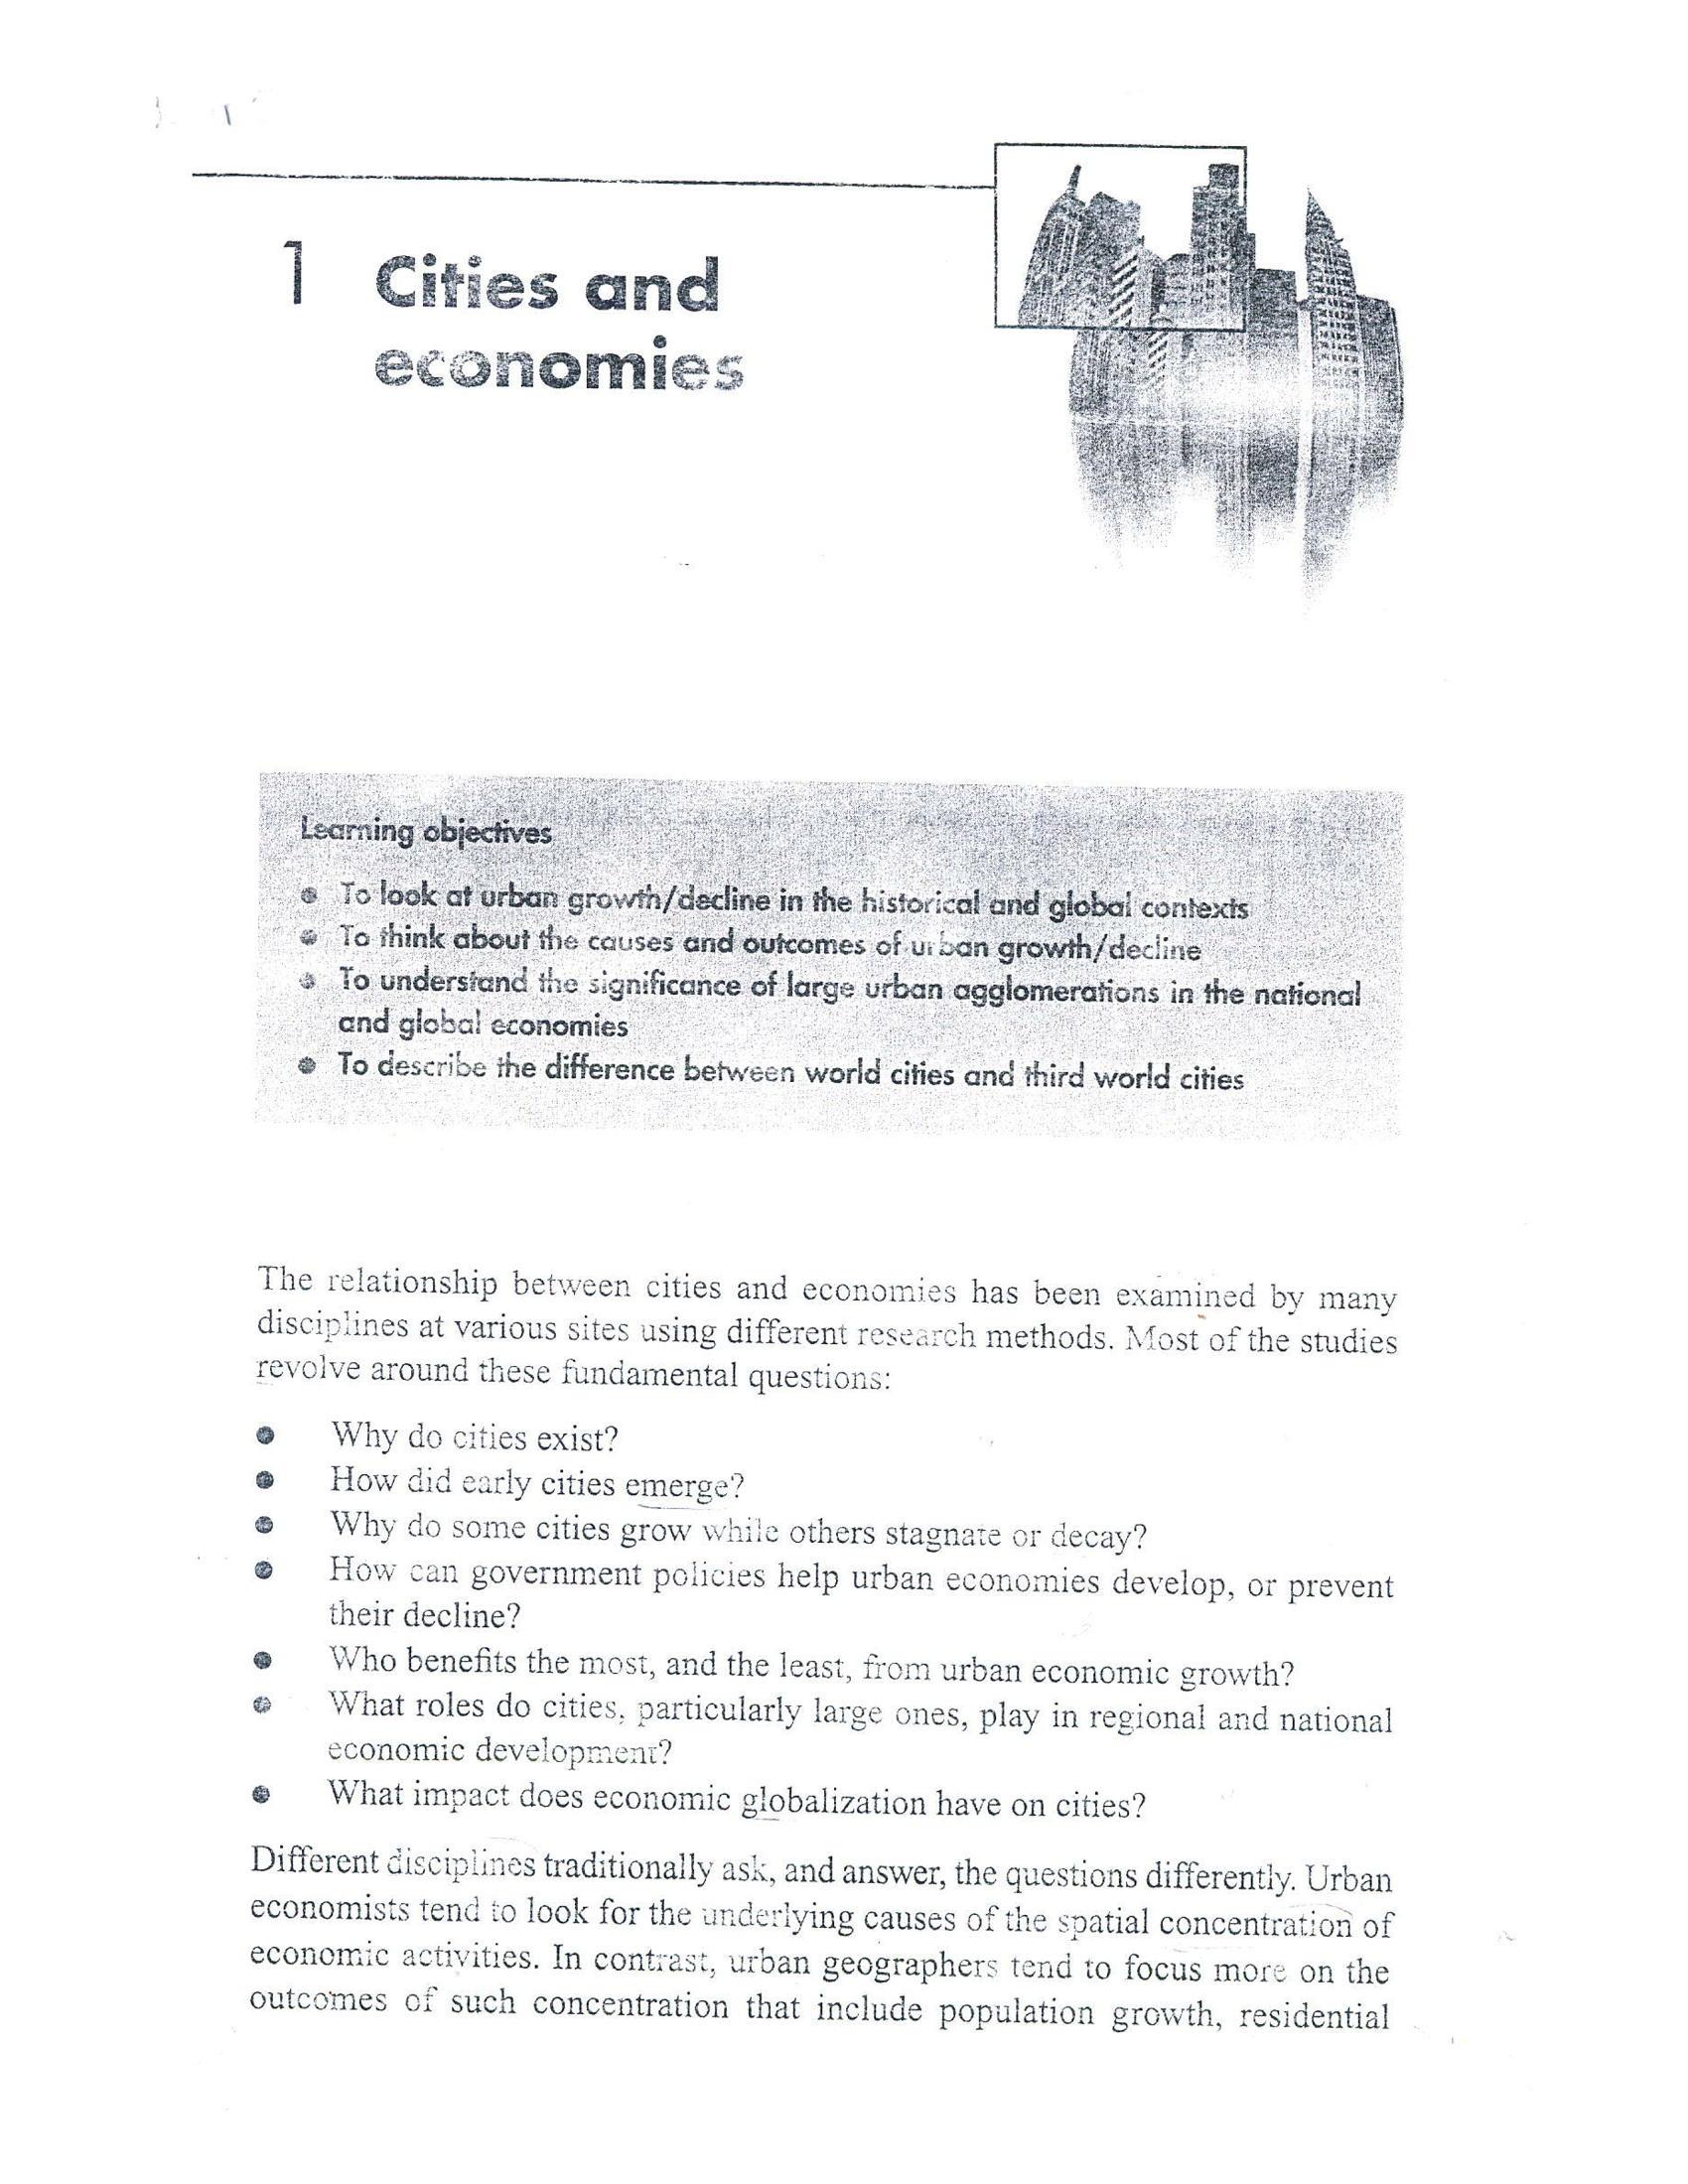 رابطه بین شهر ها و اقتصاد  cities and economies